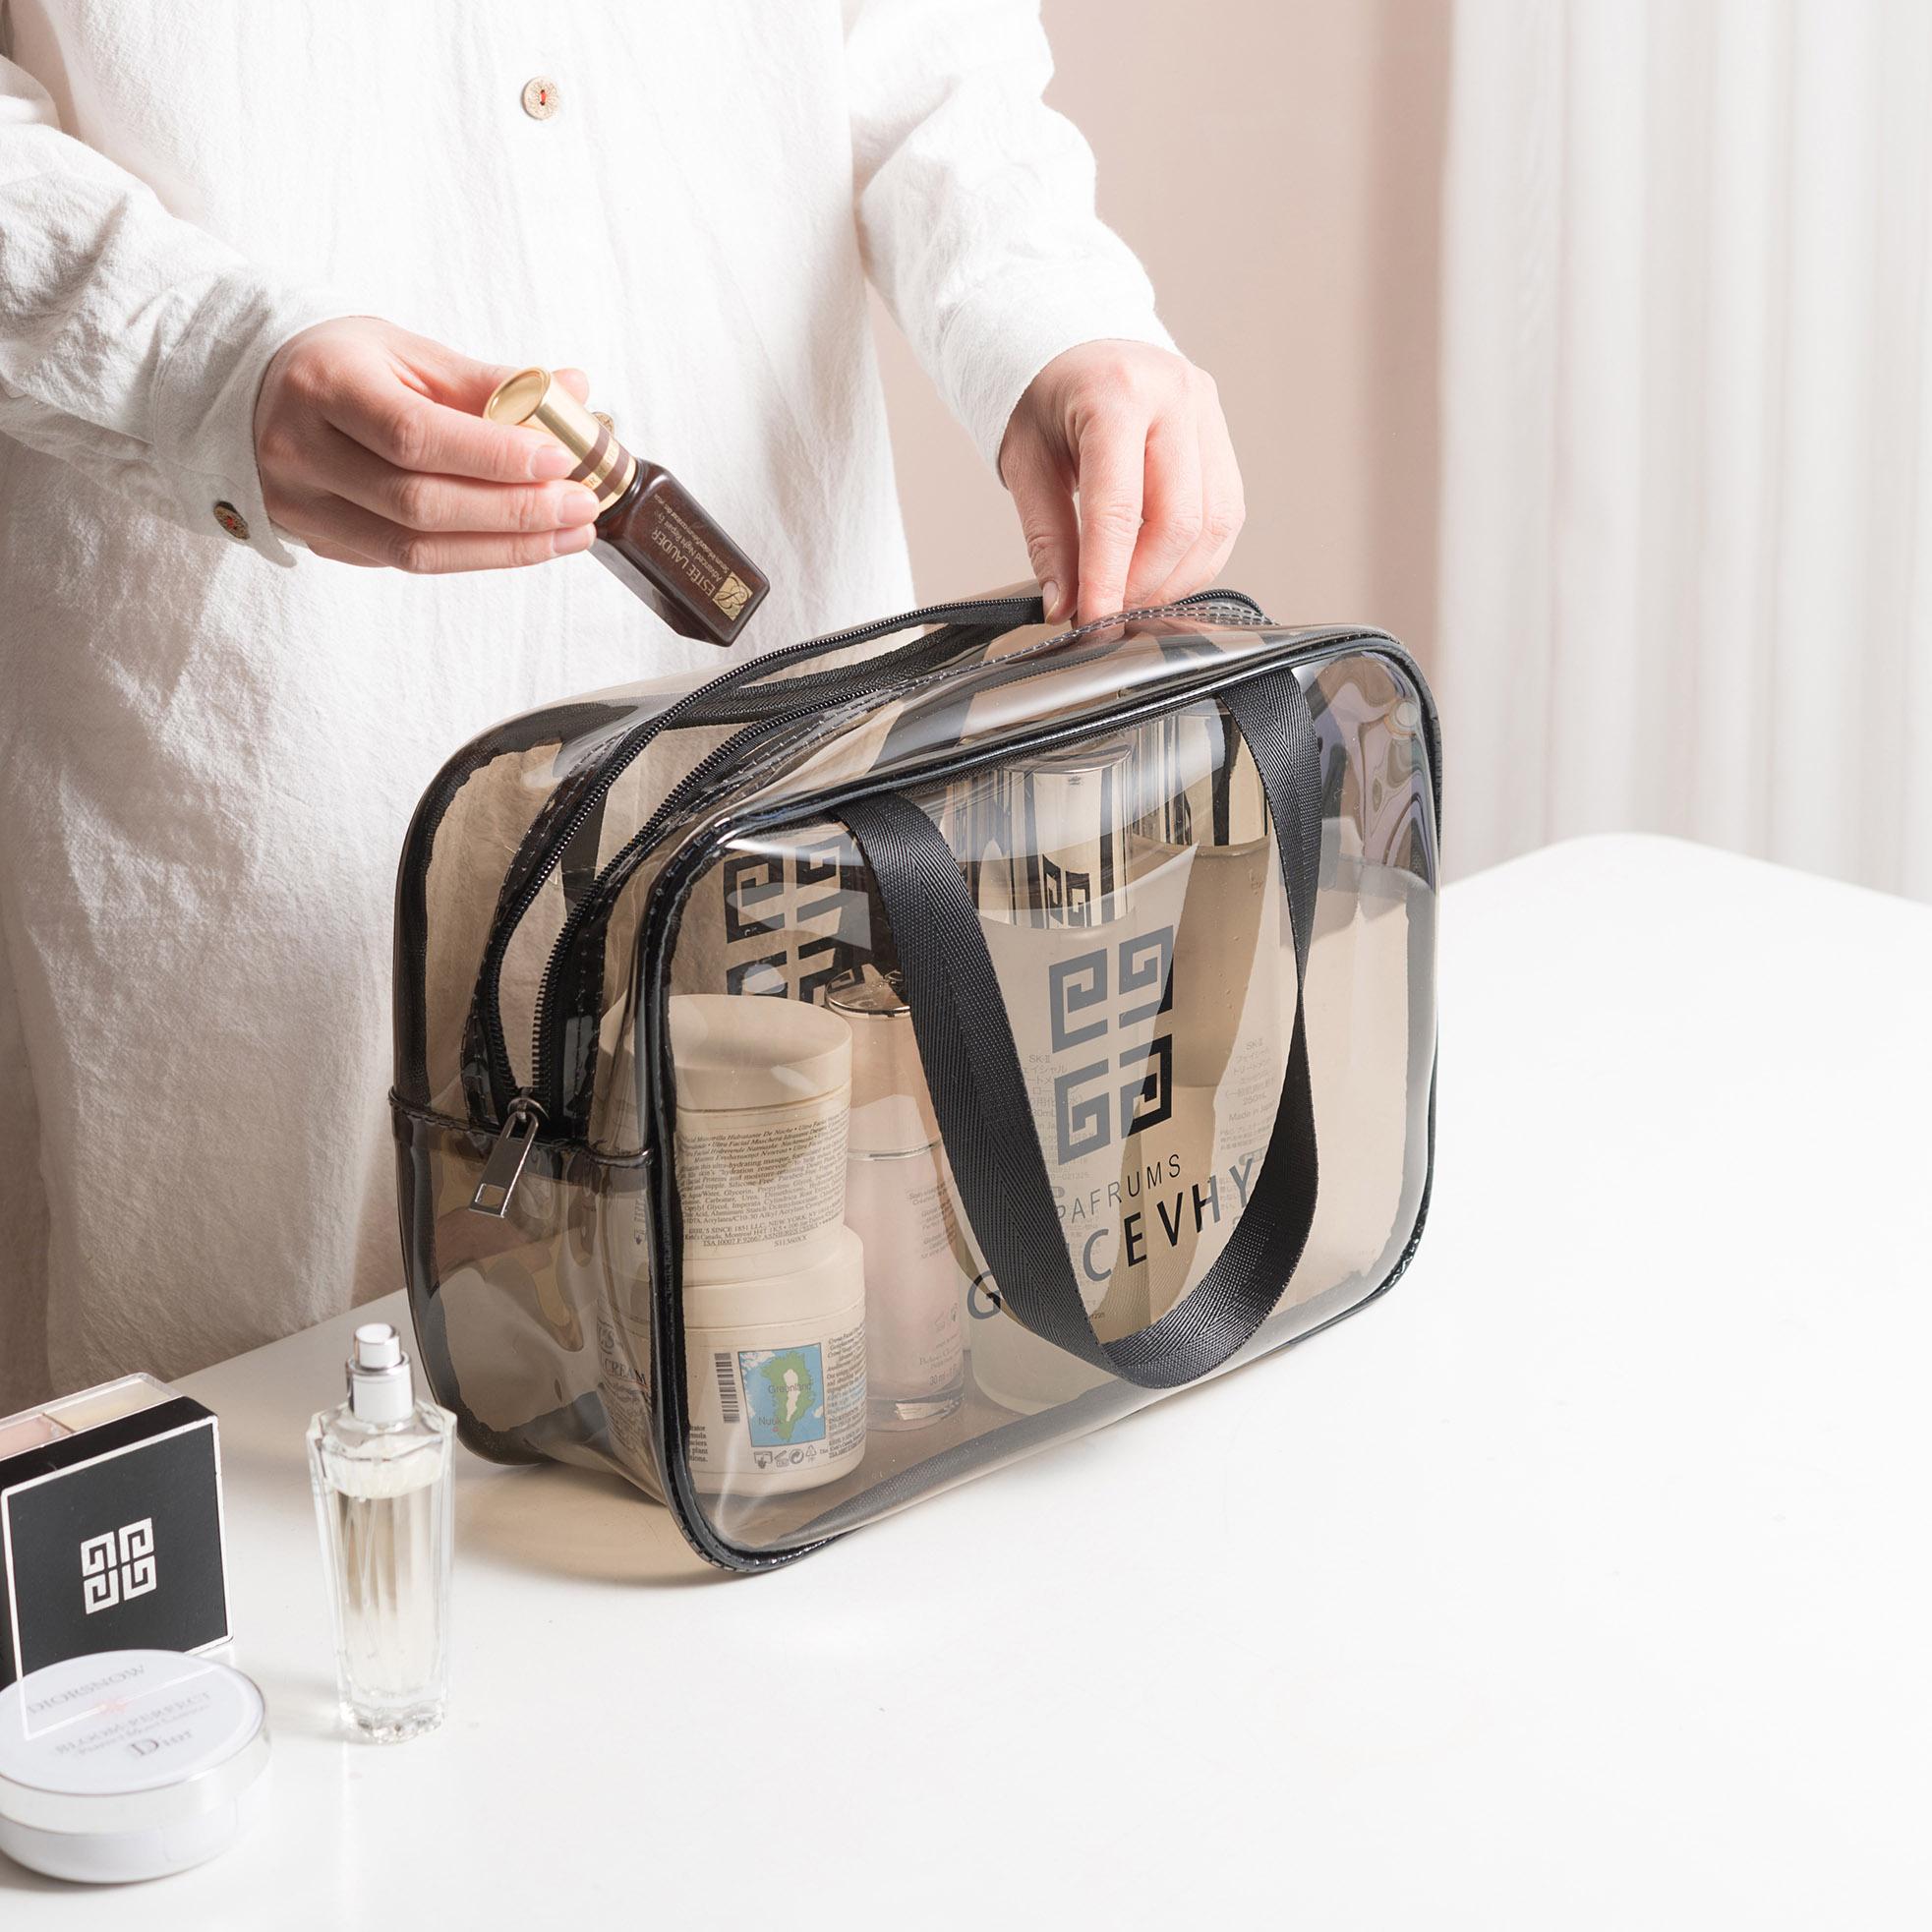 防水透明化妆包女网红大容量旅行少女便携随身洗漱包化妆品收纳袋